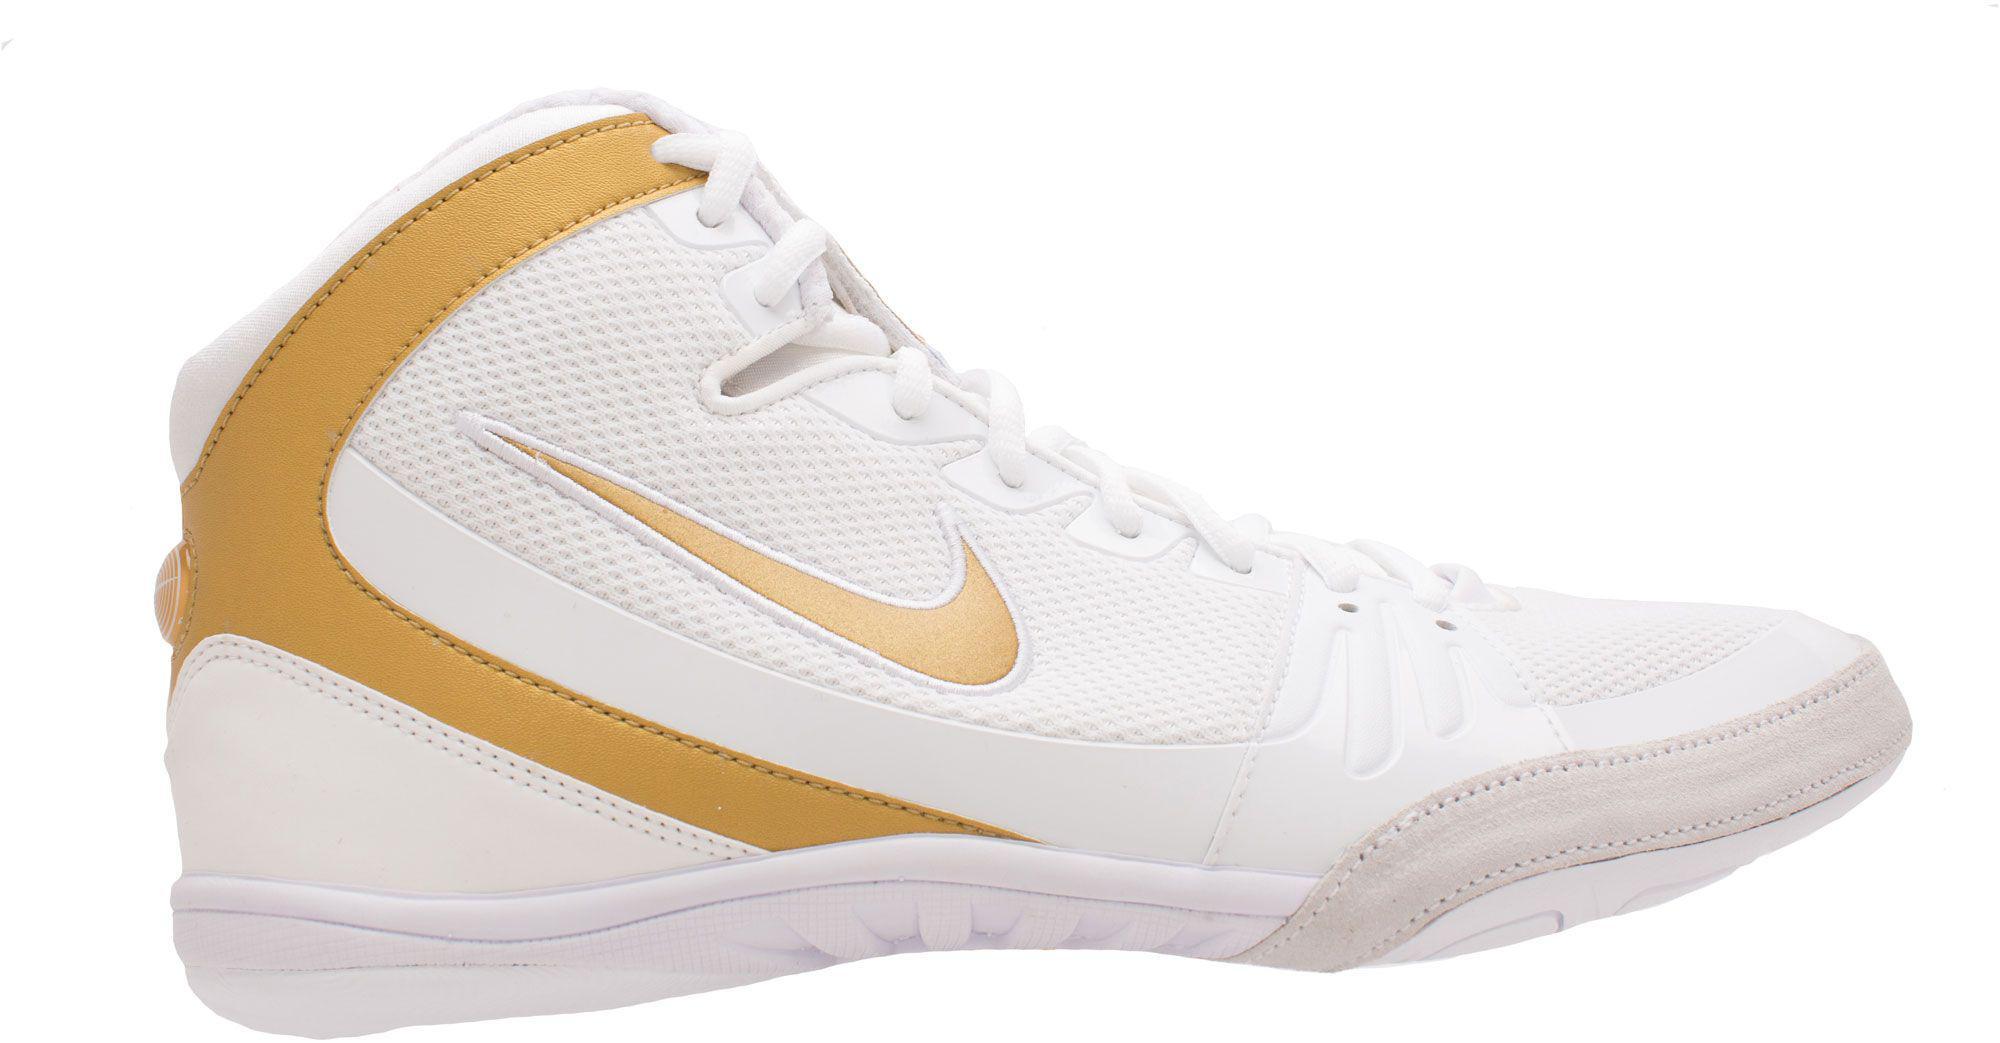 timeless design 519e9 9d54c Lyst - Nike Freek Wrestling Shoes in White for Men